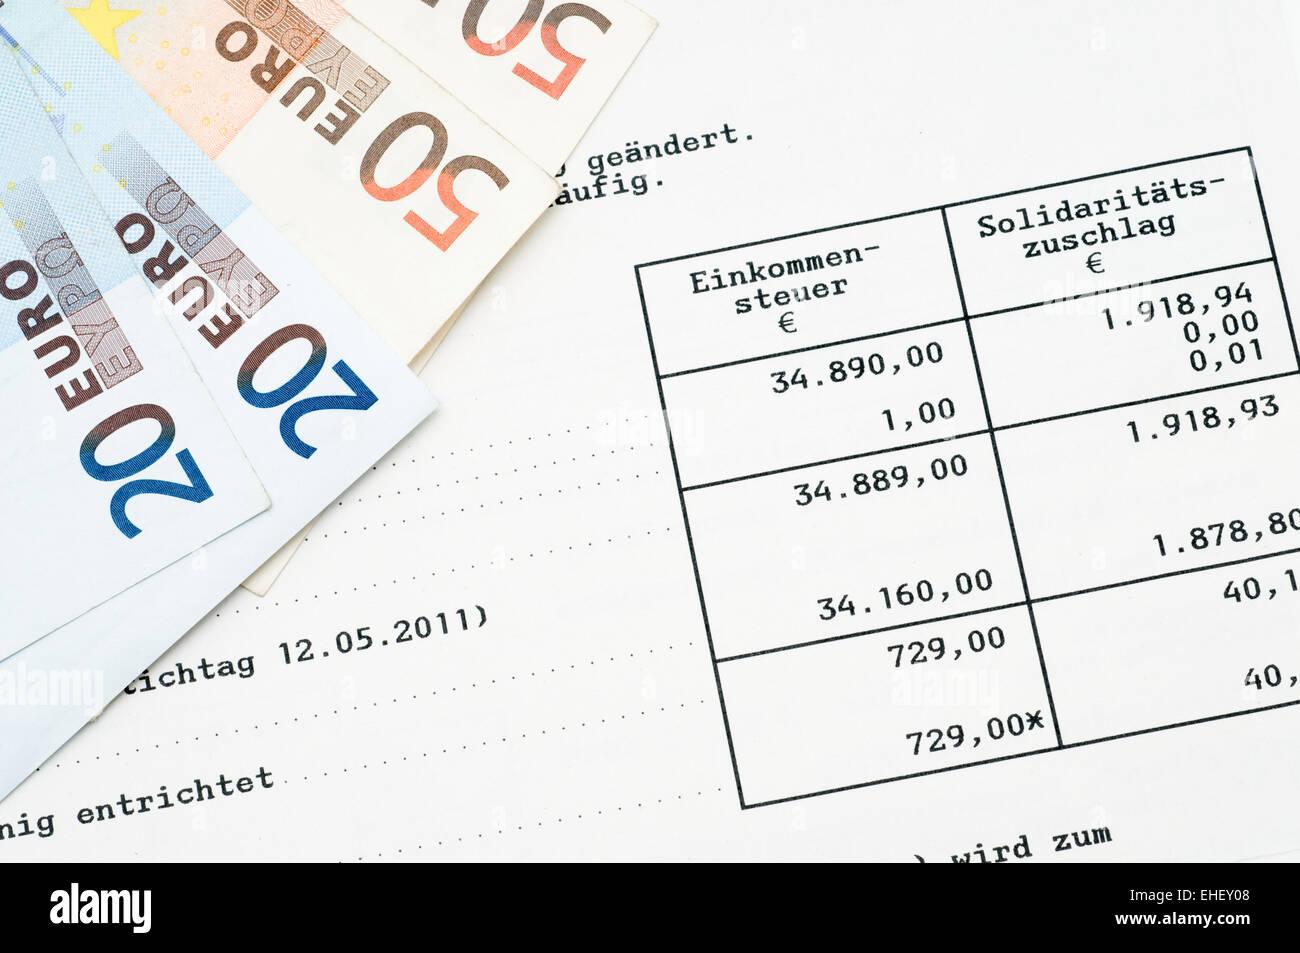 tax steuerbescheid